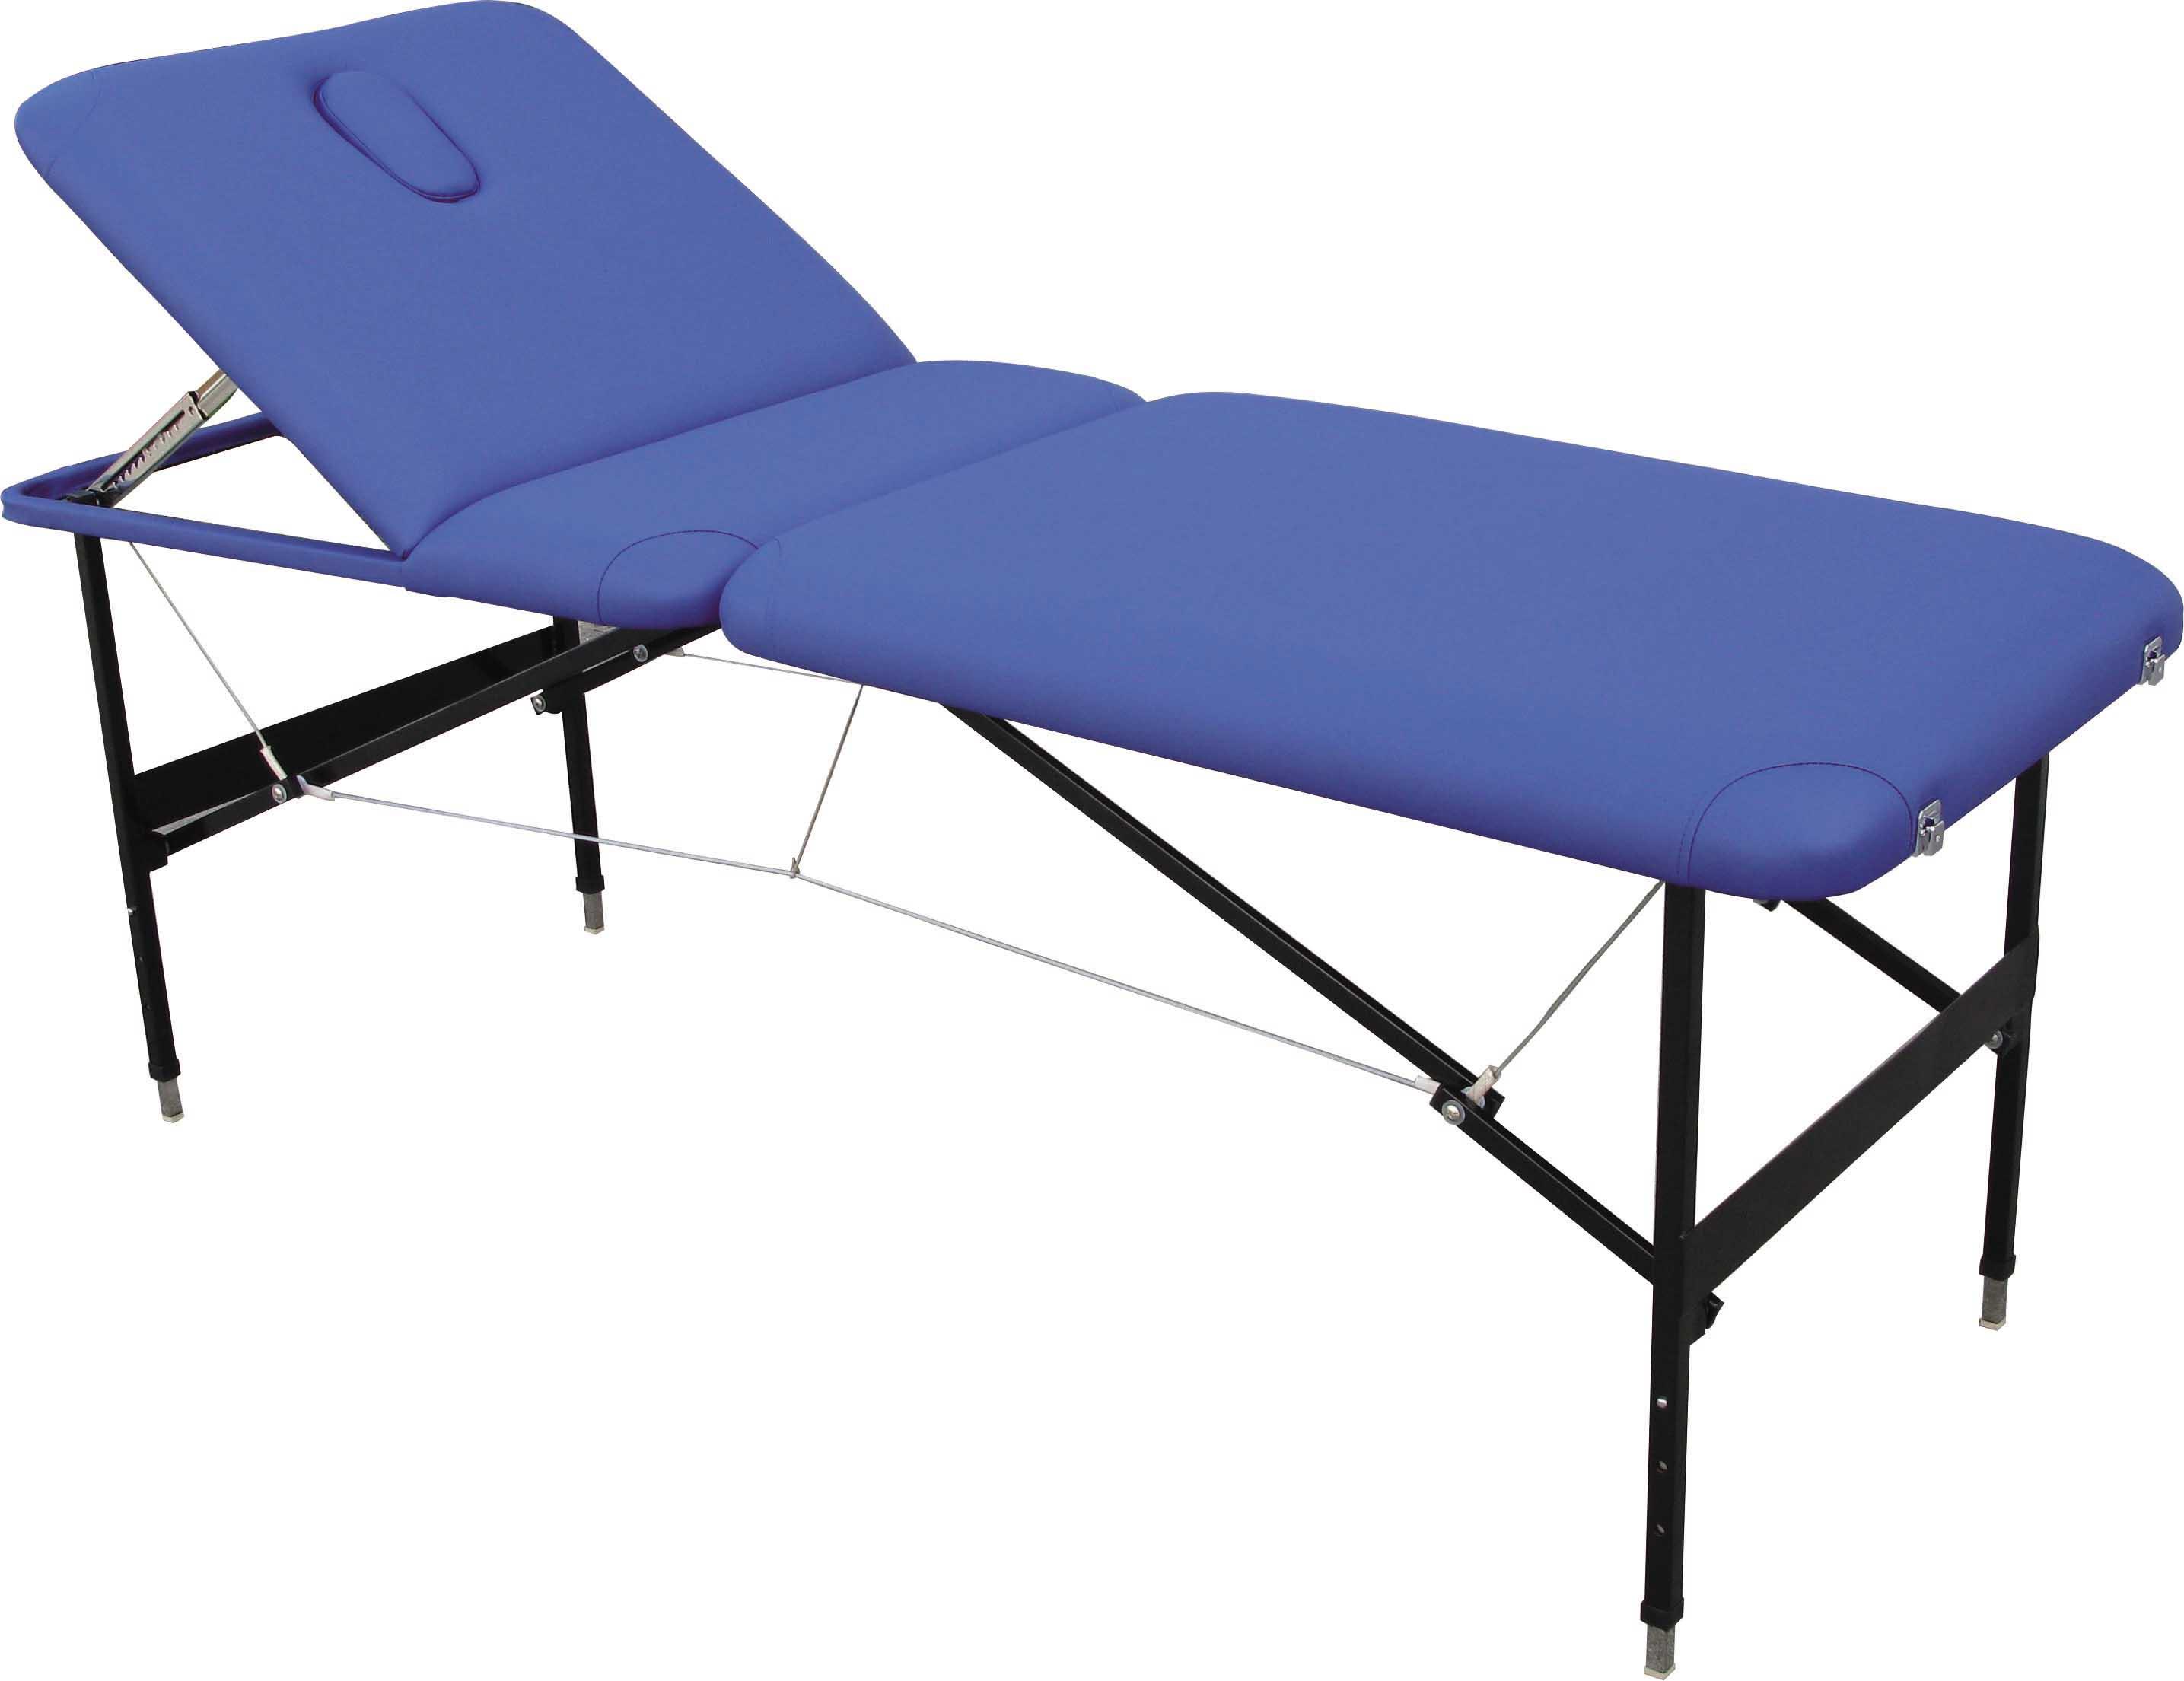 Camillas muebles bogota muebles oficina sillas for Muebles oficina 12 de octubre bogota